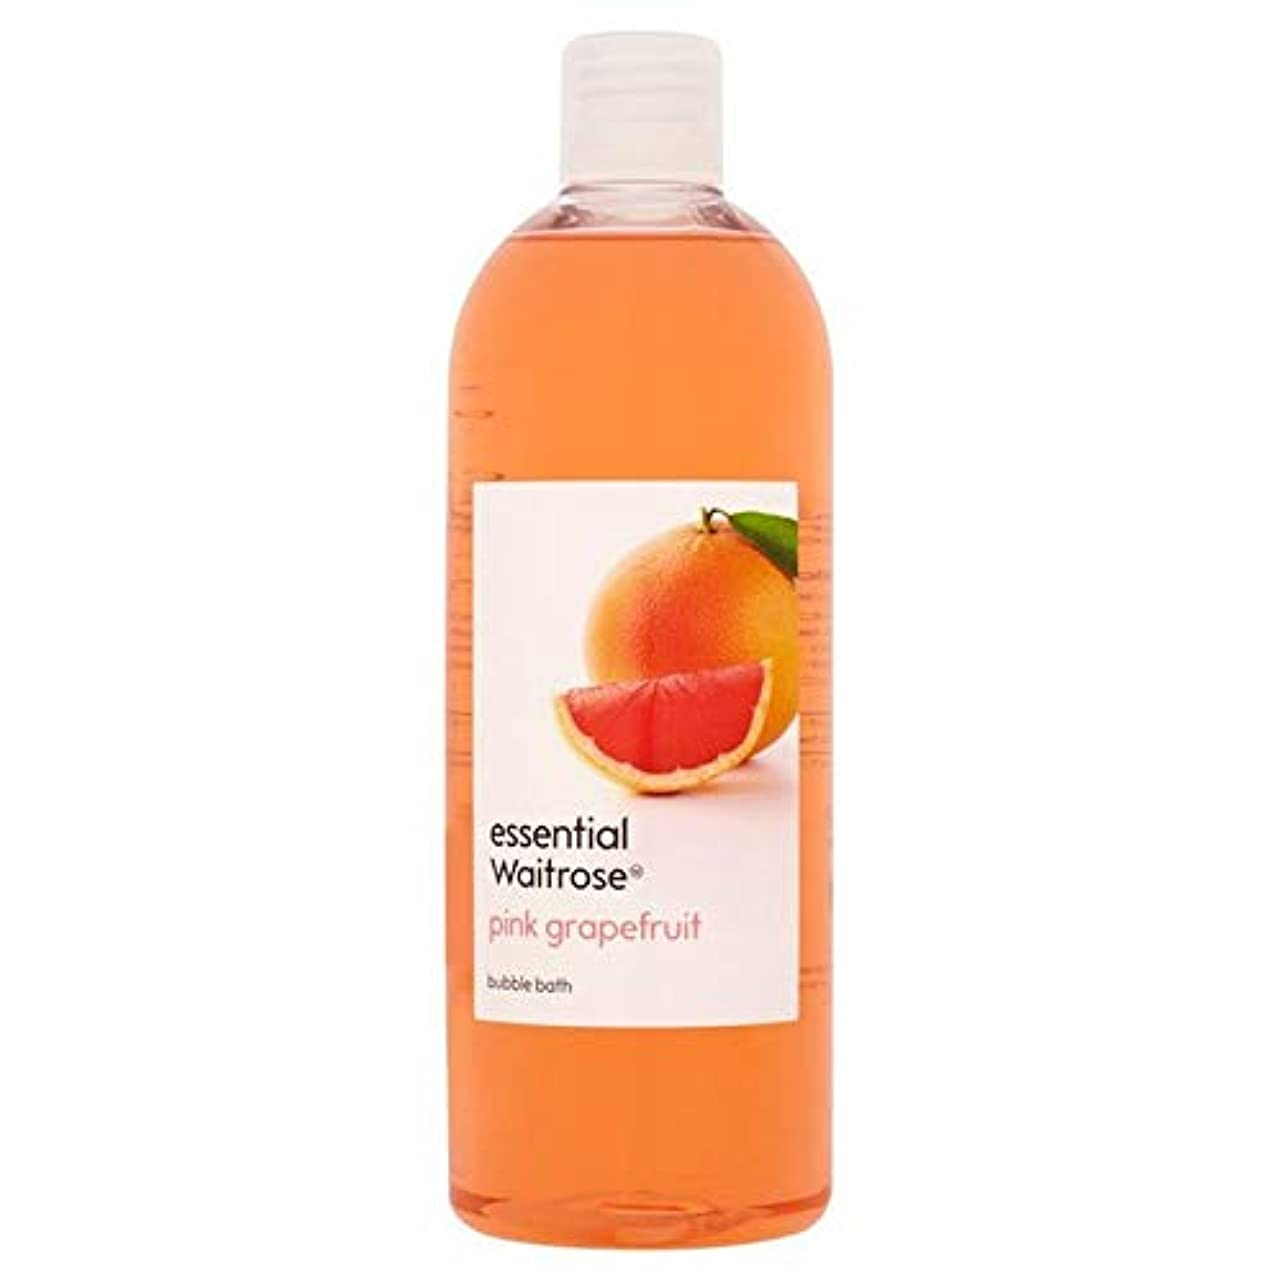 スカートフォークヘロイン[Waitrose ] 基本的なウェイトローズの泡風呂ピンクグレープフルーツ750ミリリットル - Essential Waitrose Bubble Bath Pink Grapefruit 750ml [並行輸入品]